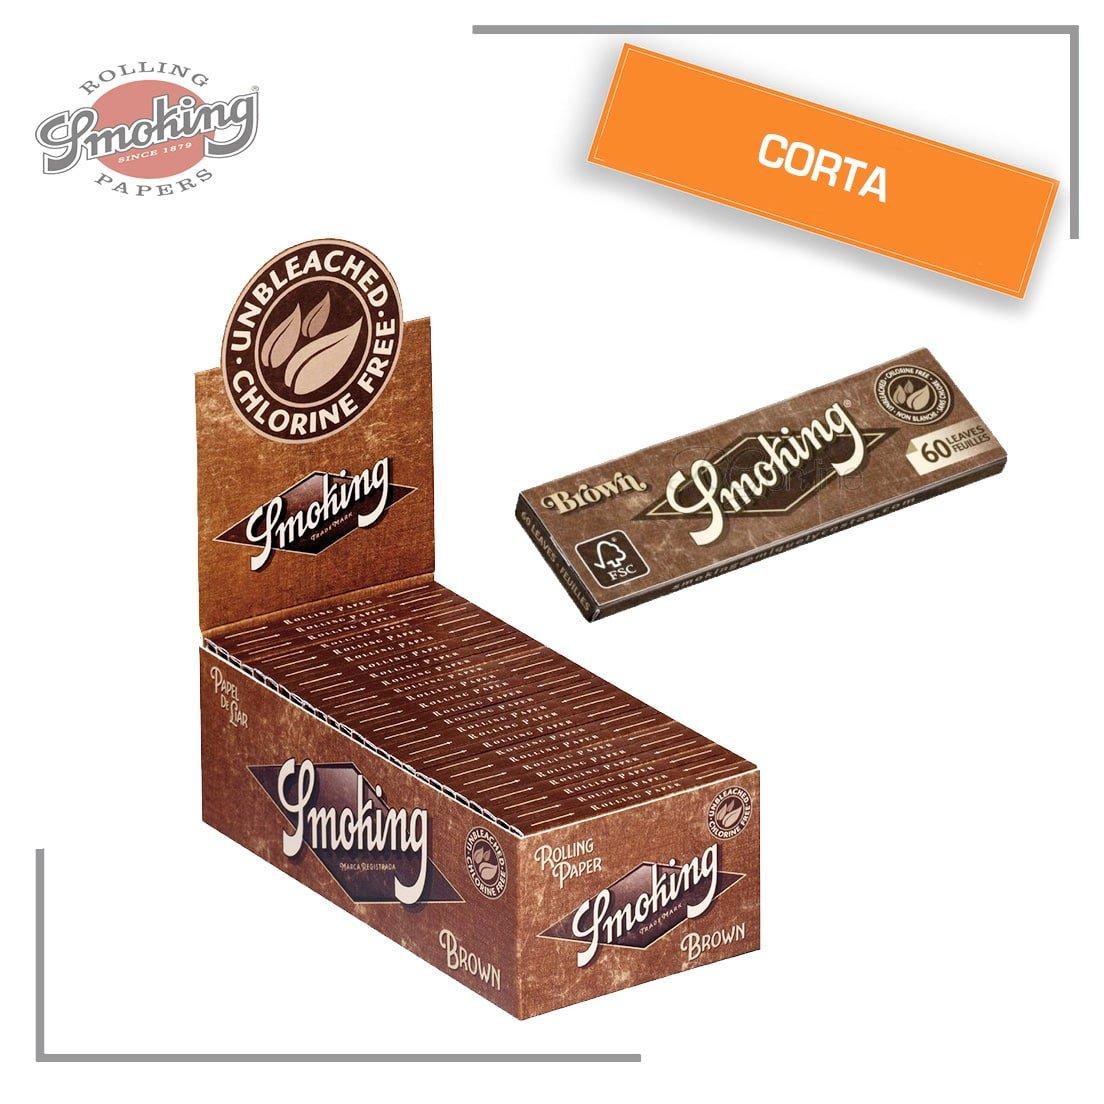 Smoking-3000-CARTINE-brown-corte-box-da-50-libretti